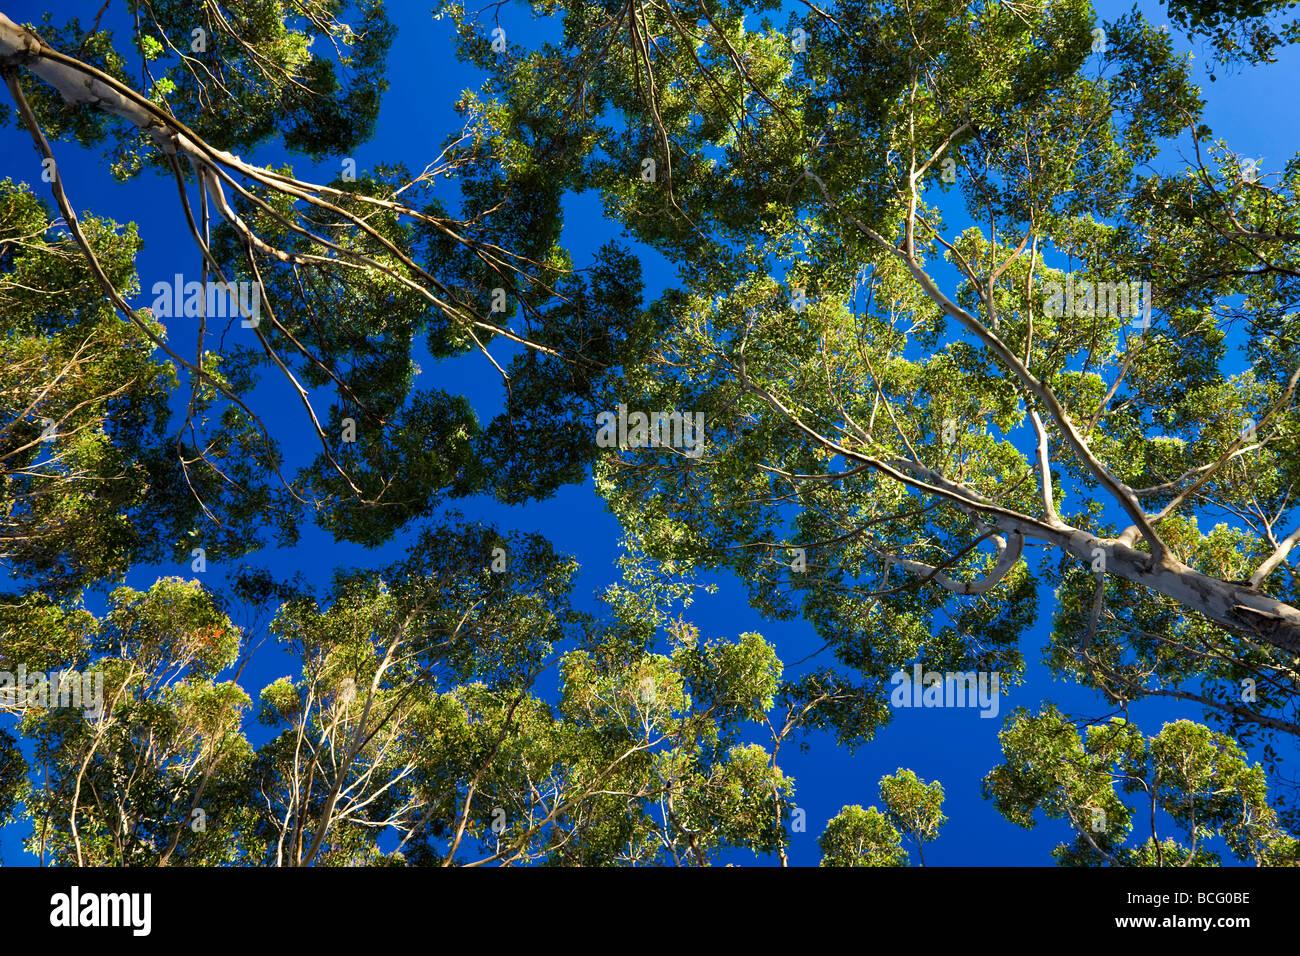 Arbres Karri nr Danemark Australie Occidentale Australie Photo Stock